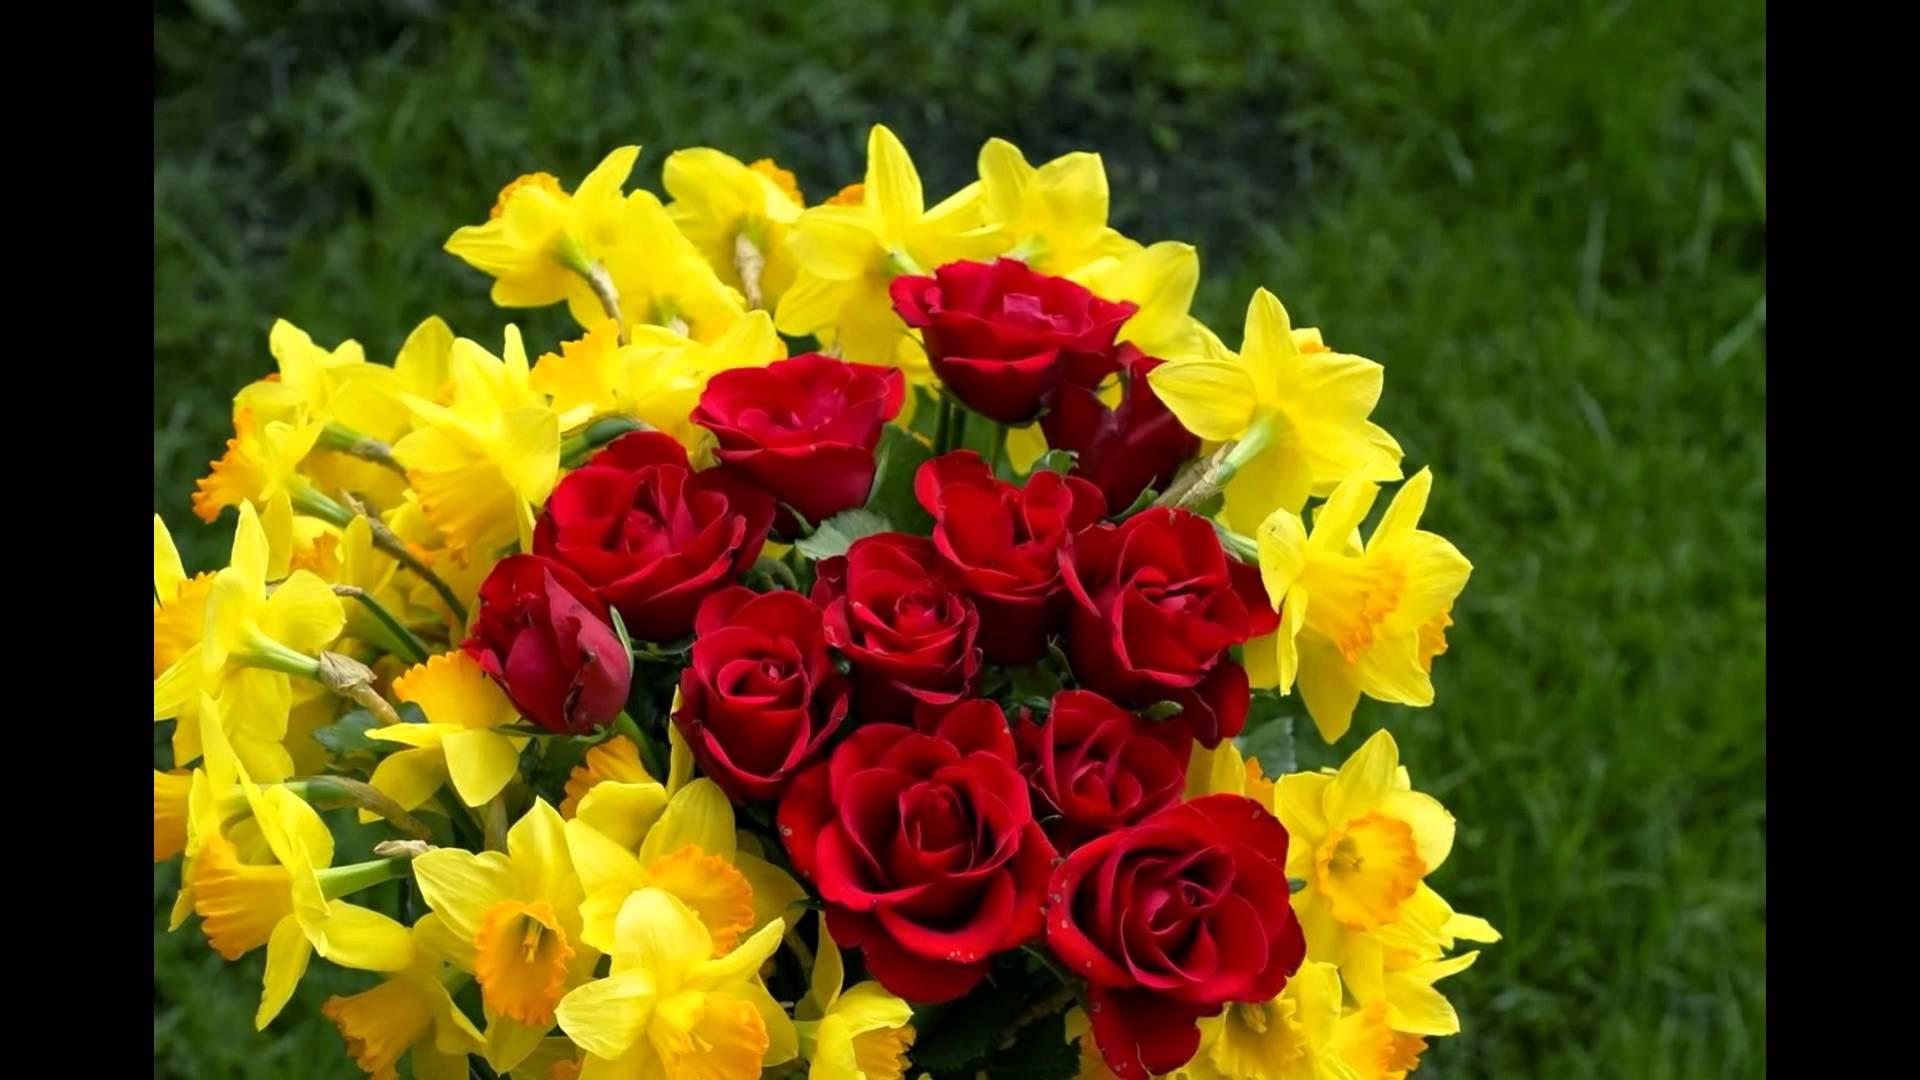 بالصور صور ورد طبيعي , اروع الزهور الطبيعية 5156 8